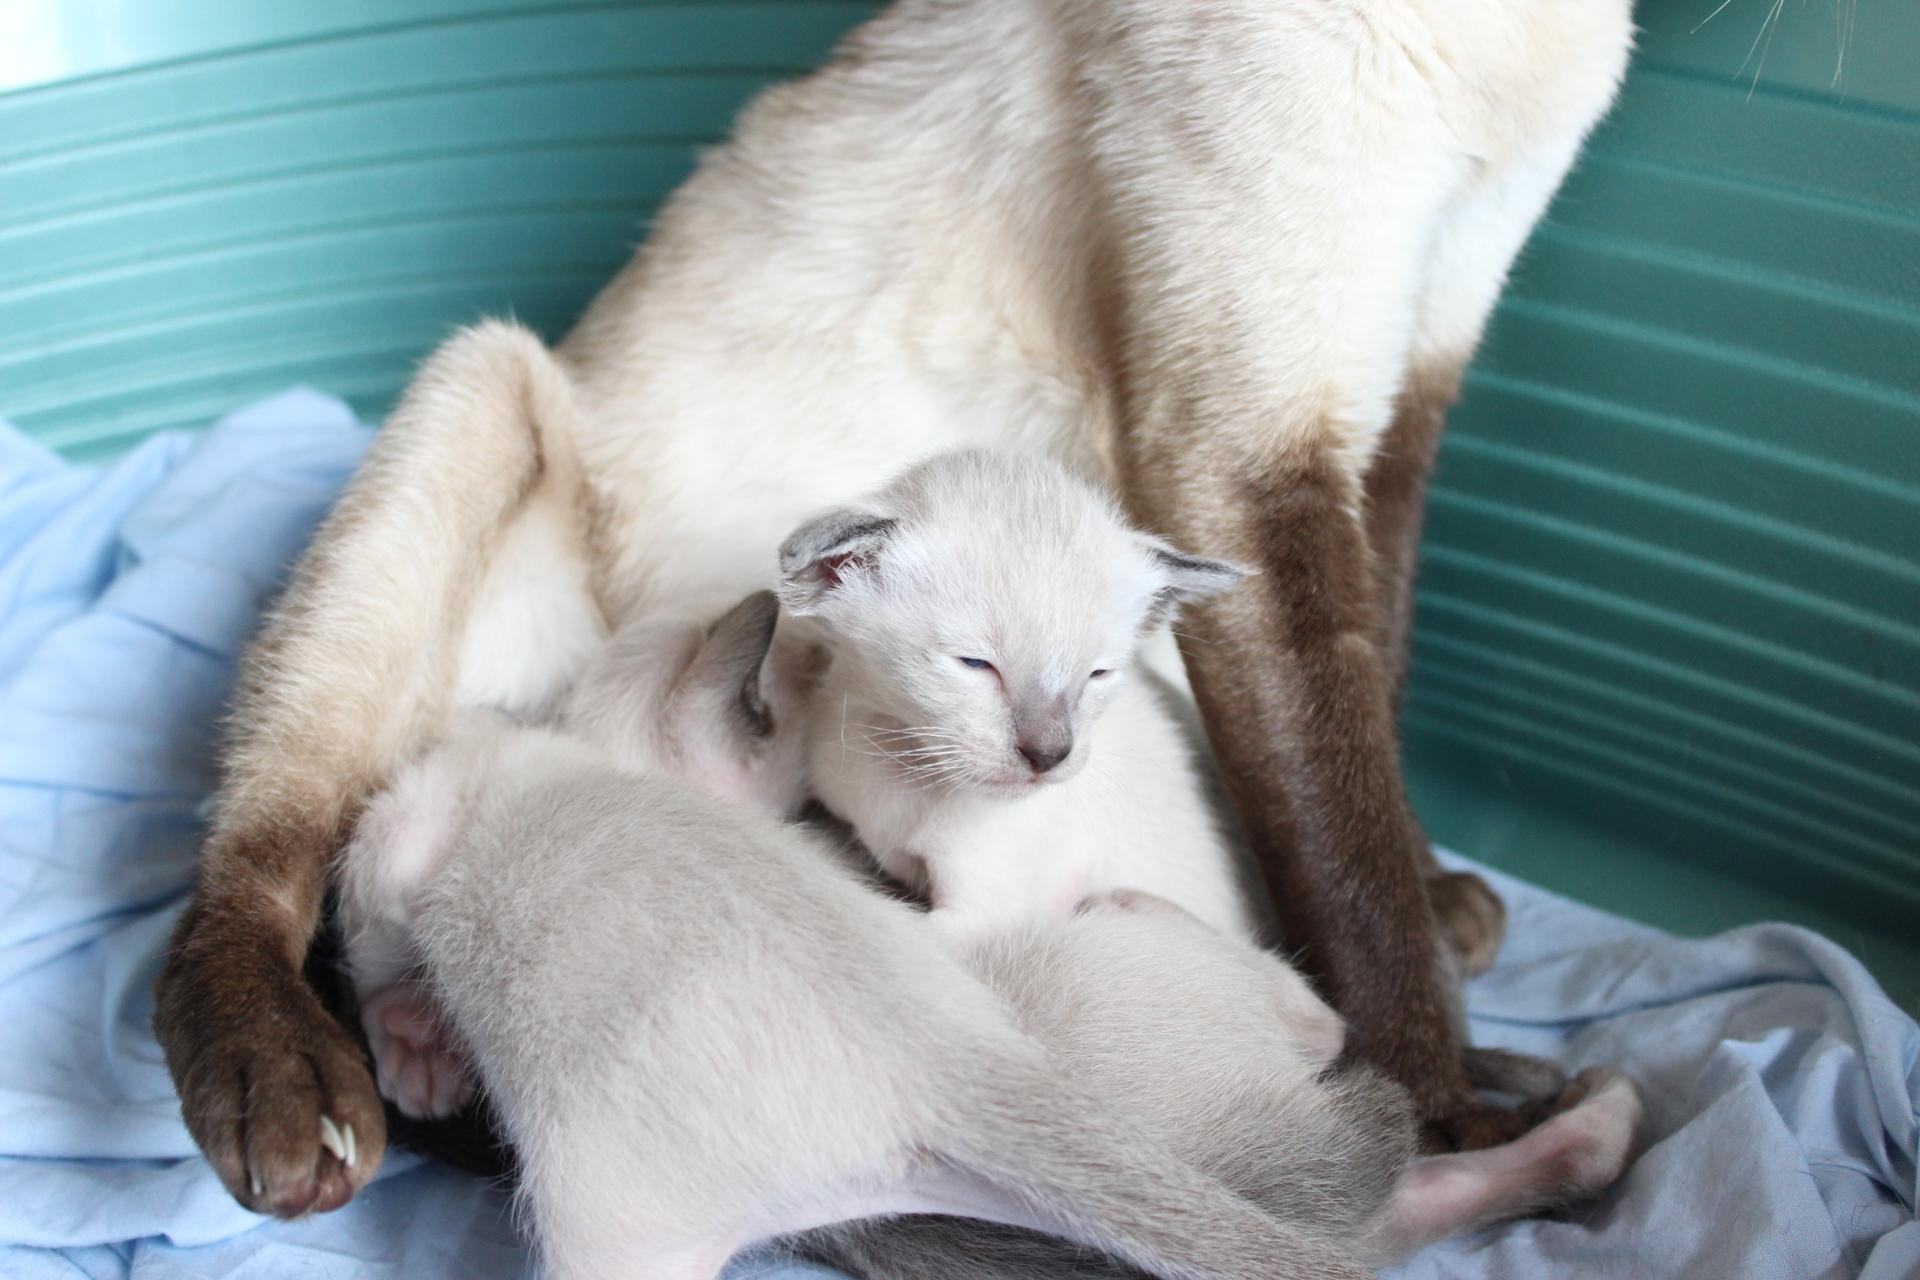 Kitten 3 weeks